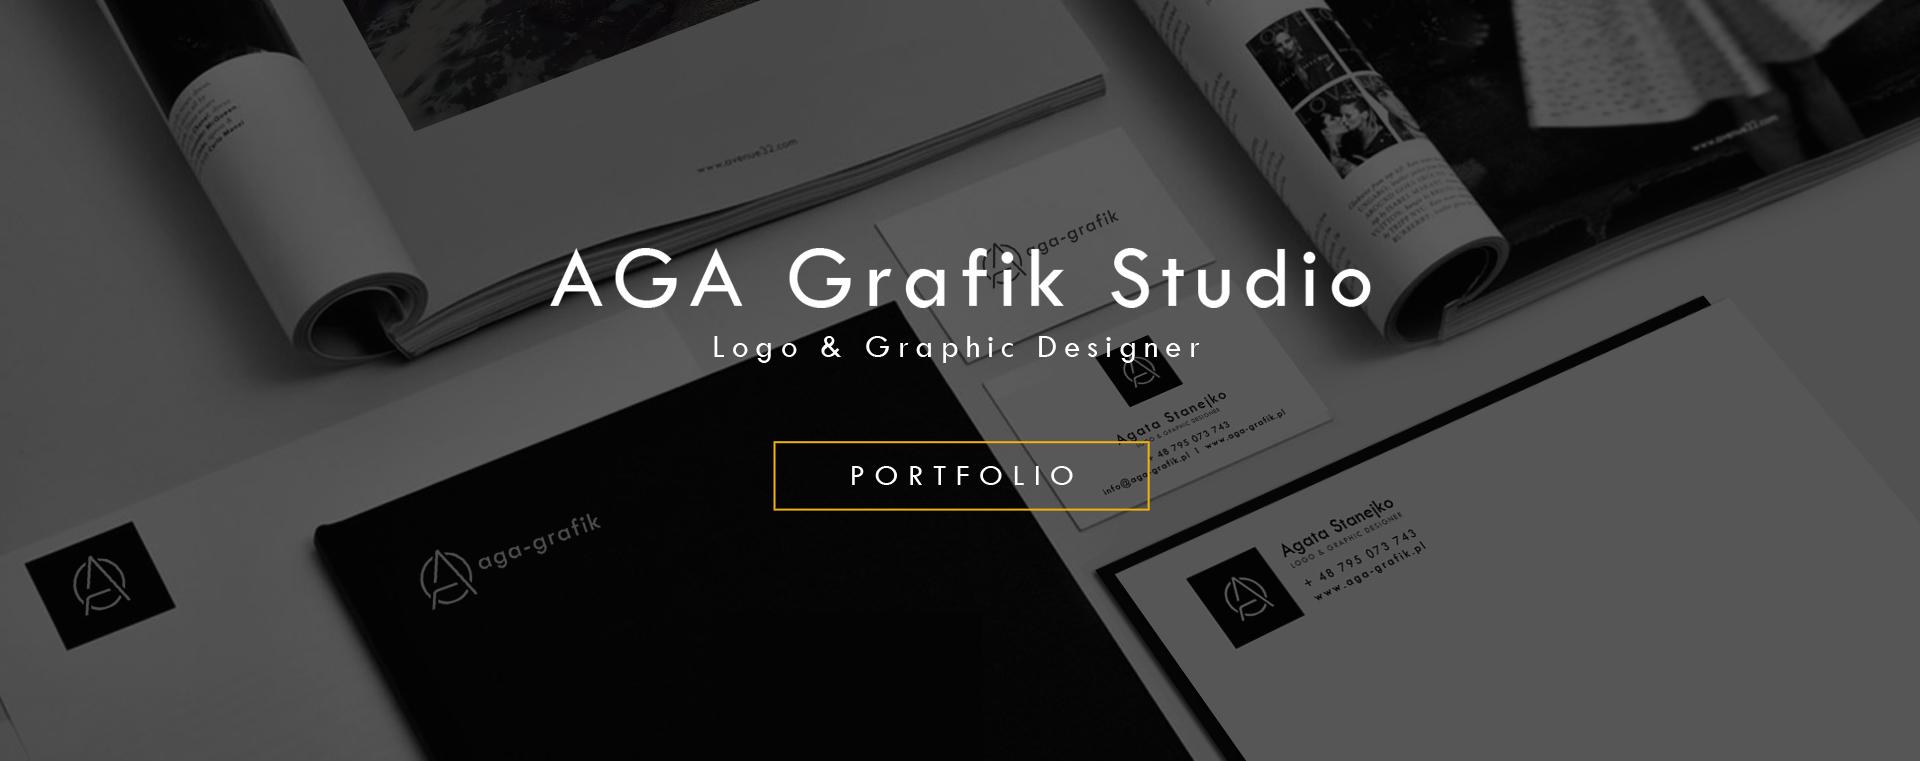 grafik-freelancer-projektowanie-komputerowe-graficzne